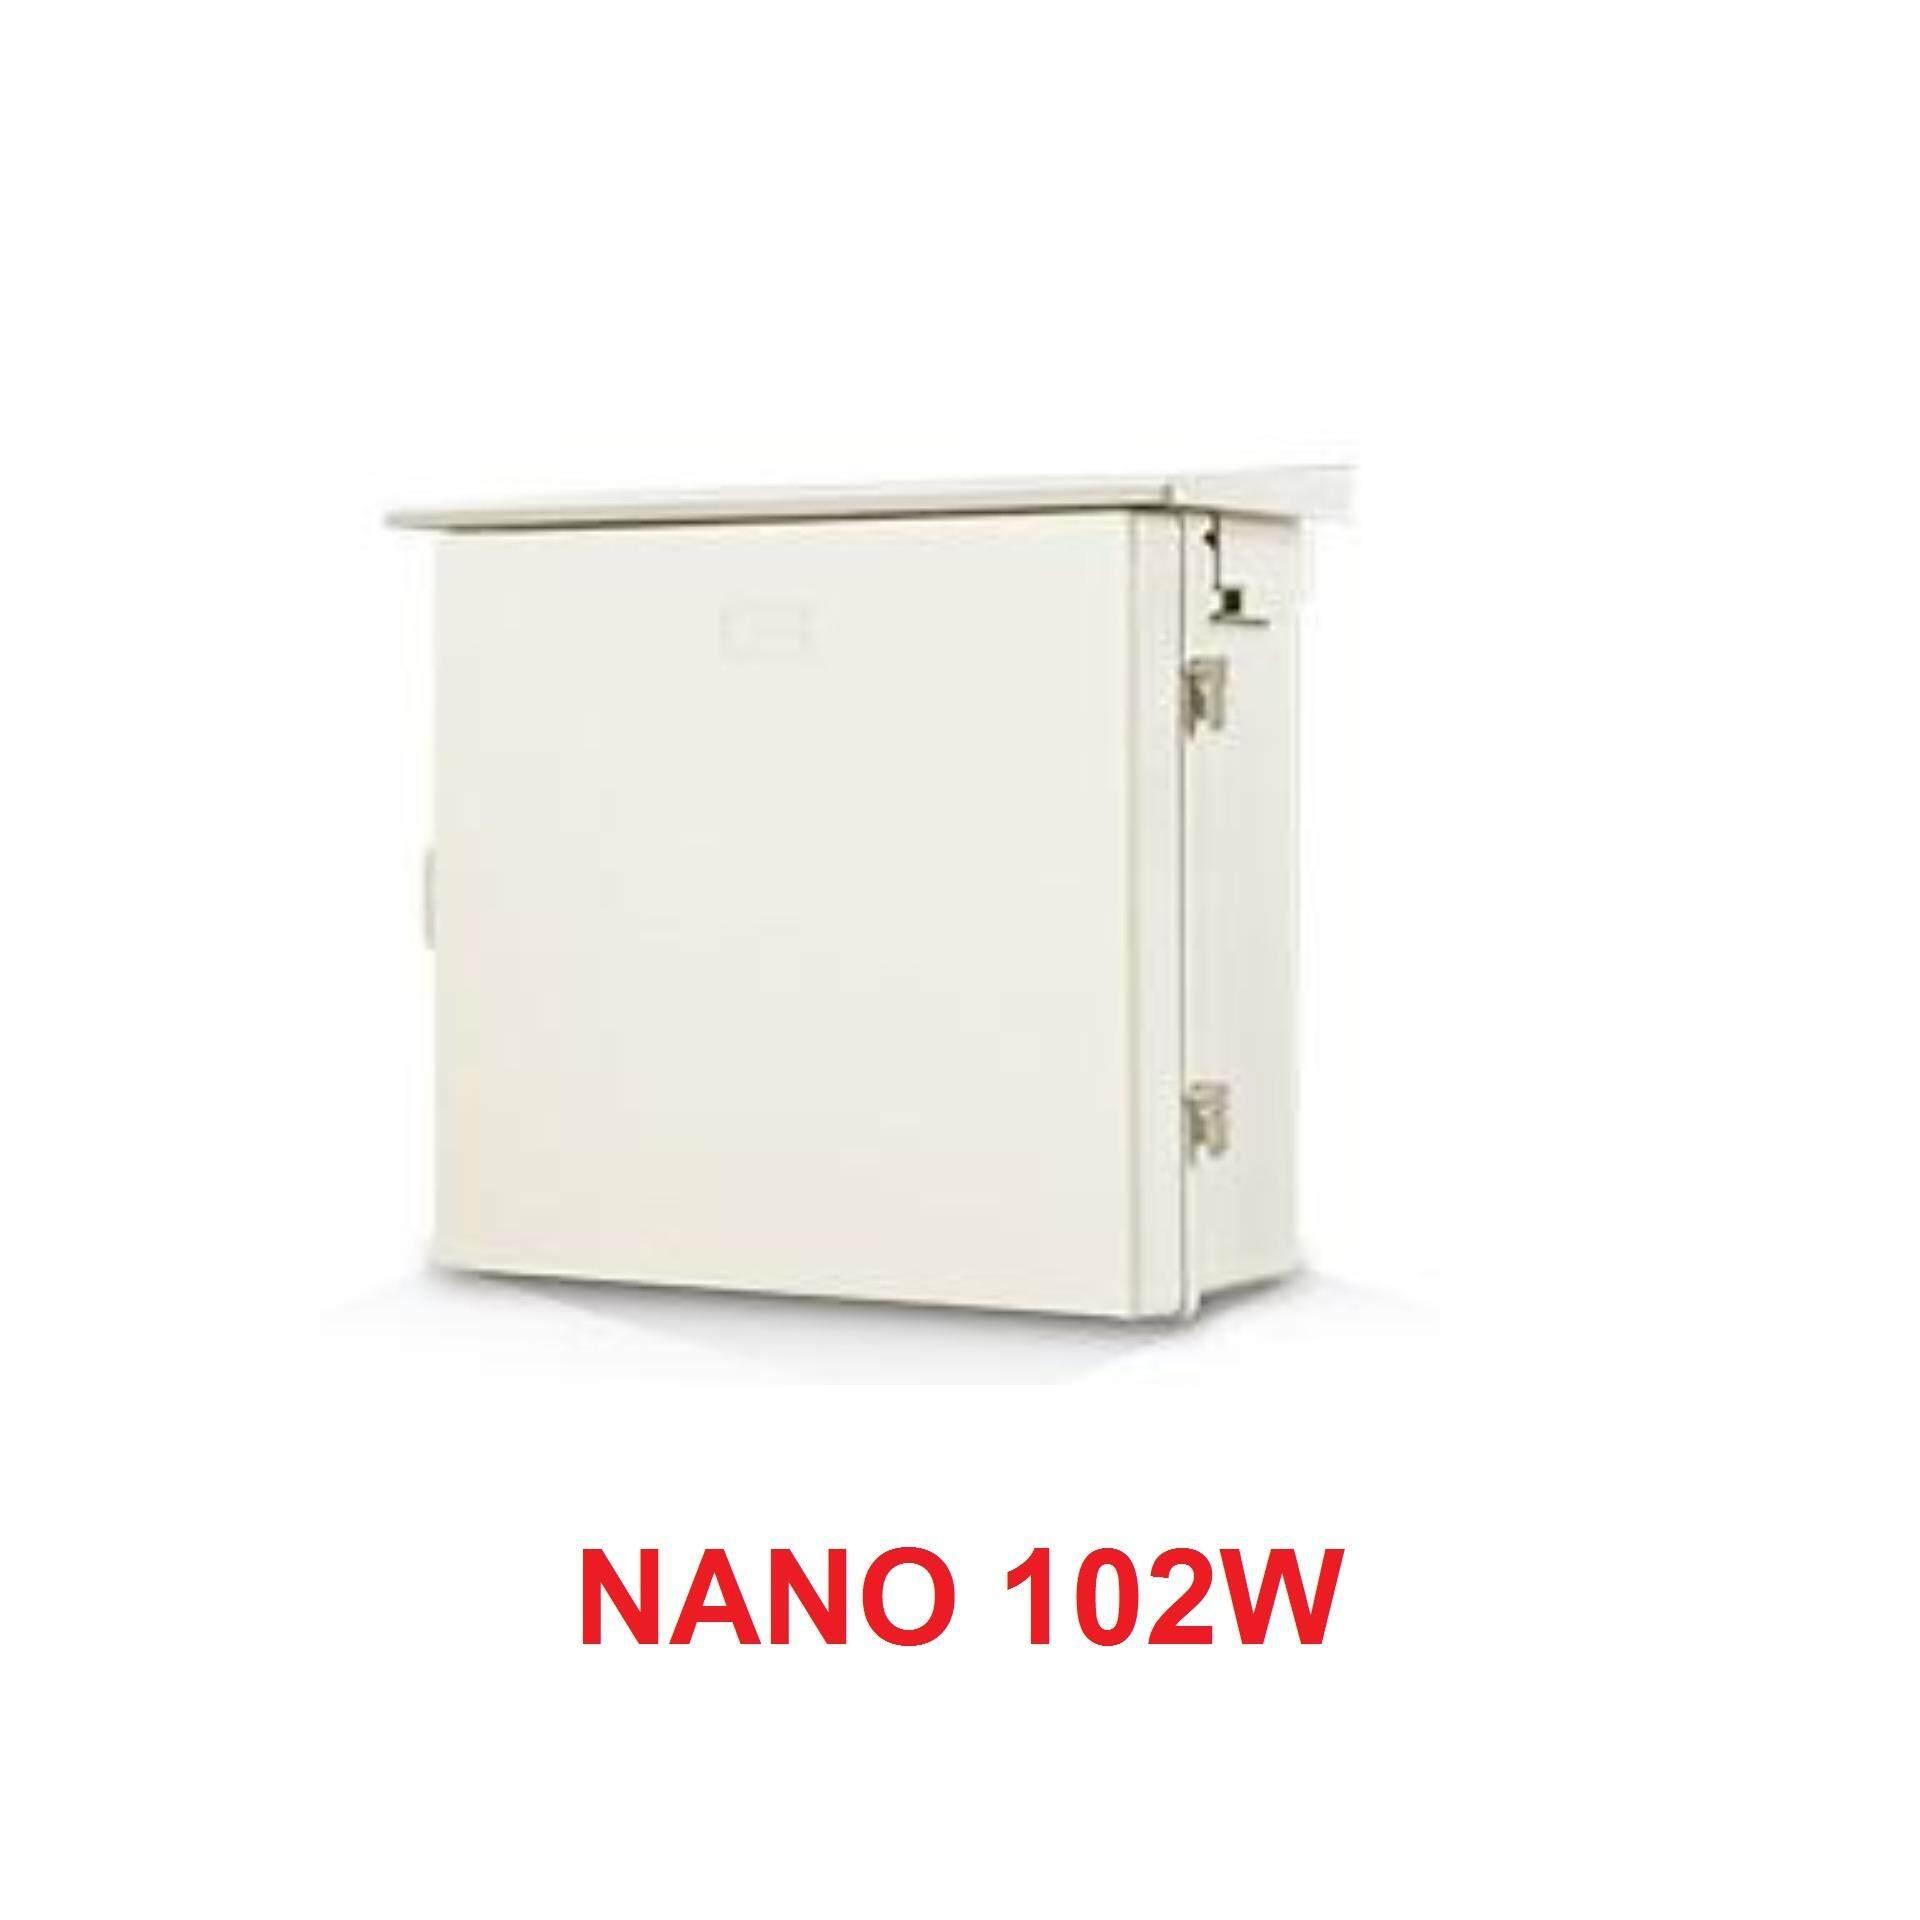 Nano ตู้พลาสติกกันน้ำ รุ่น Nano102w (ขนาด 32.8*29*16 Cm) ตู้พลาสติก กันฝน กันฝุ่น ตู้ พักสายไฟ ตู้เบรกเกอร์.